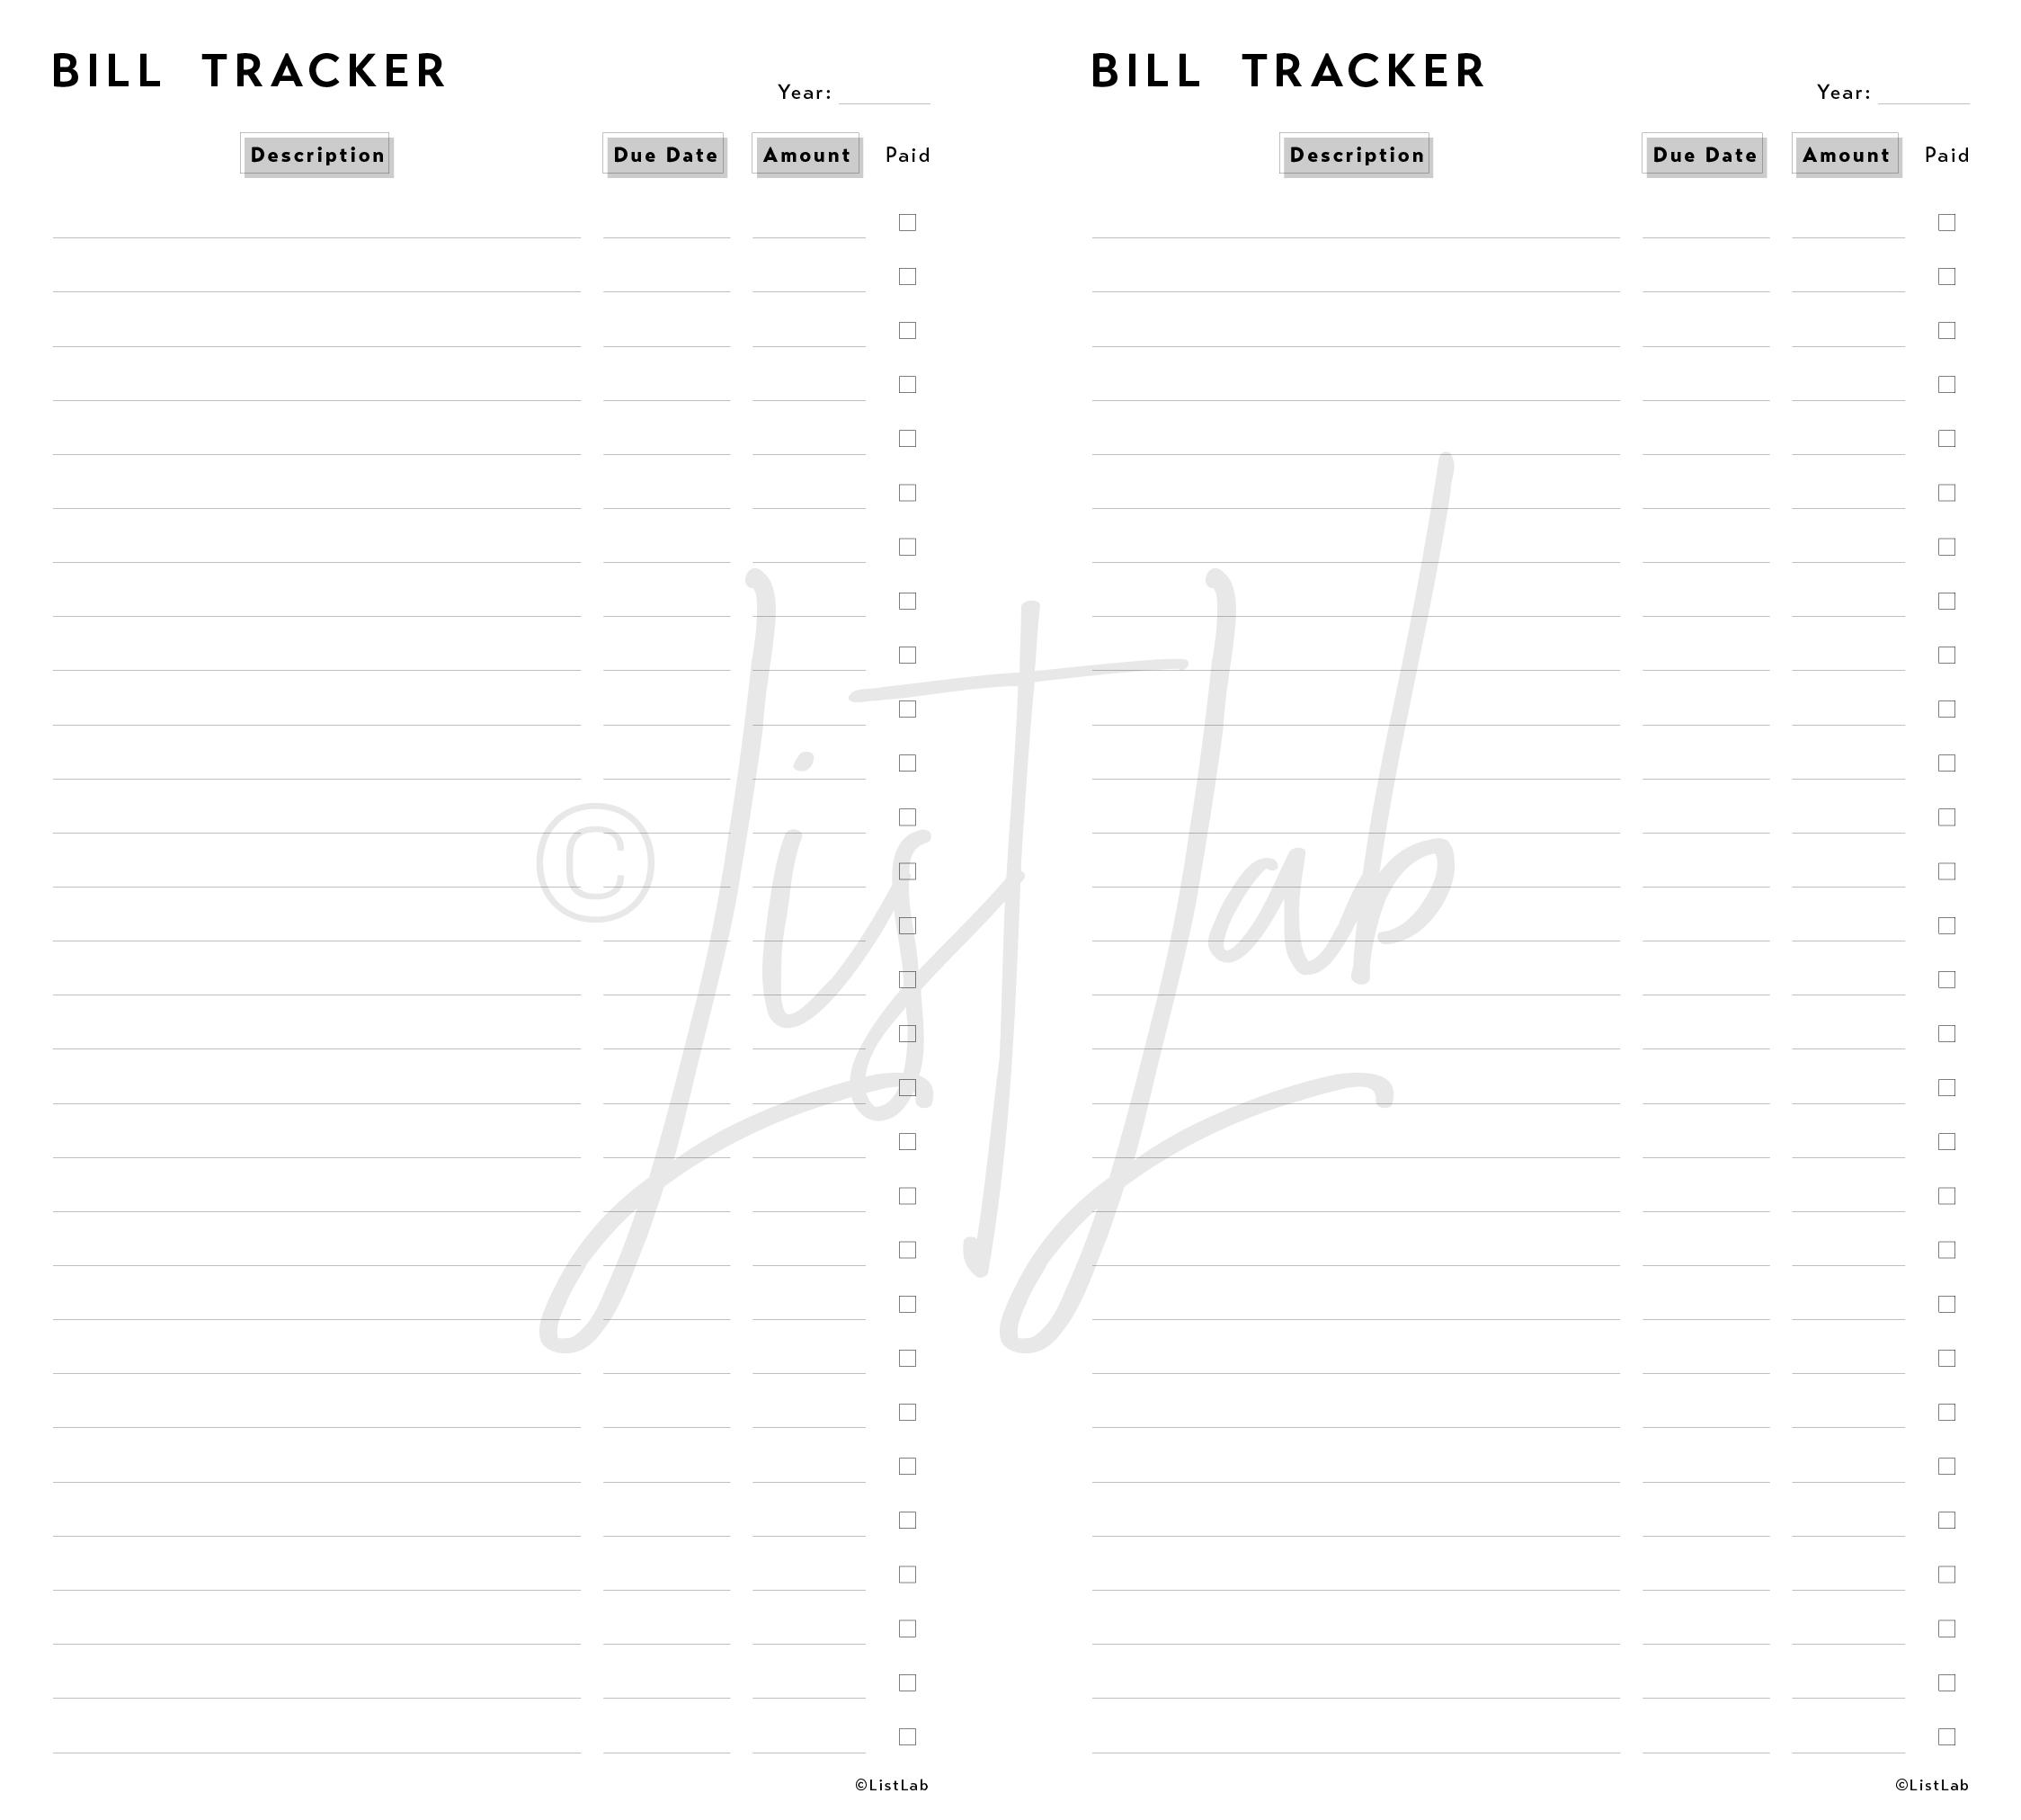 BILL TRACKER